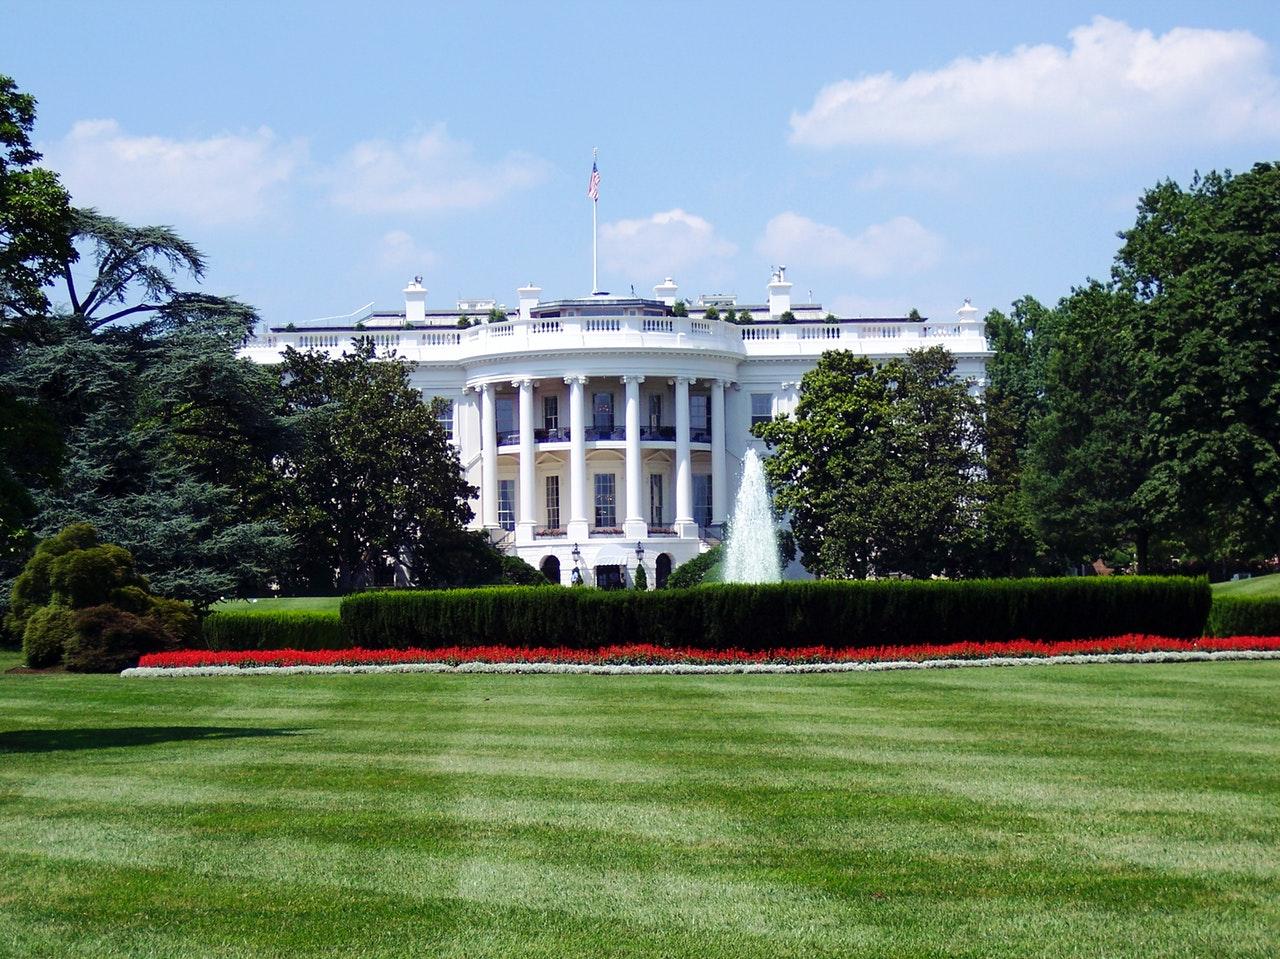 Trump forlader det hvide hus